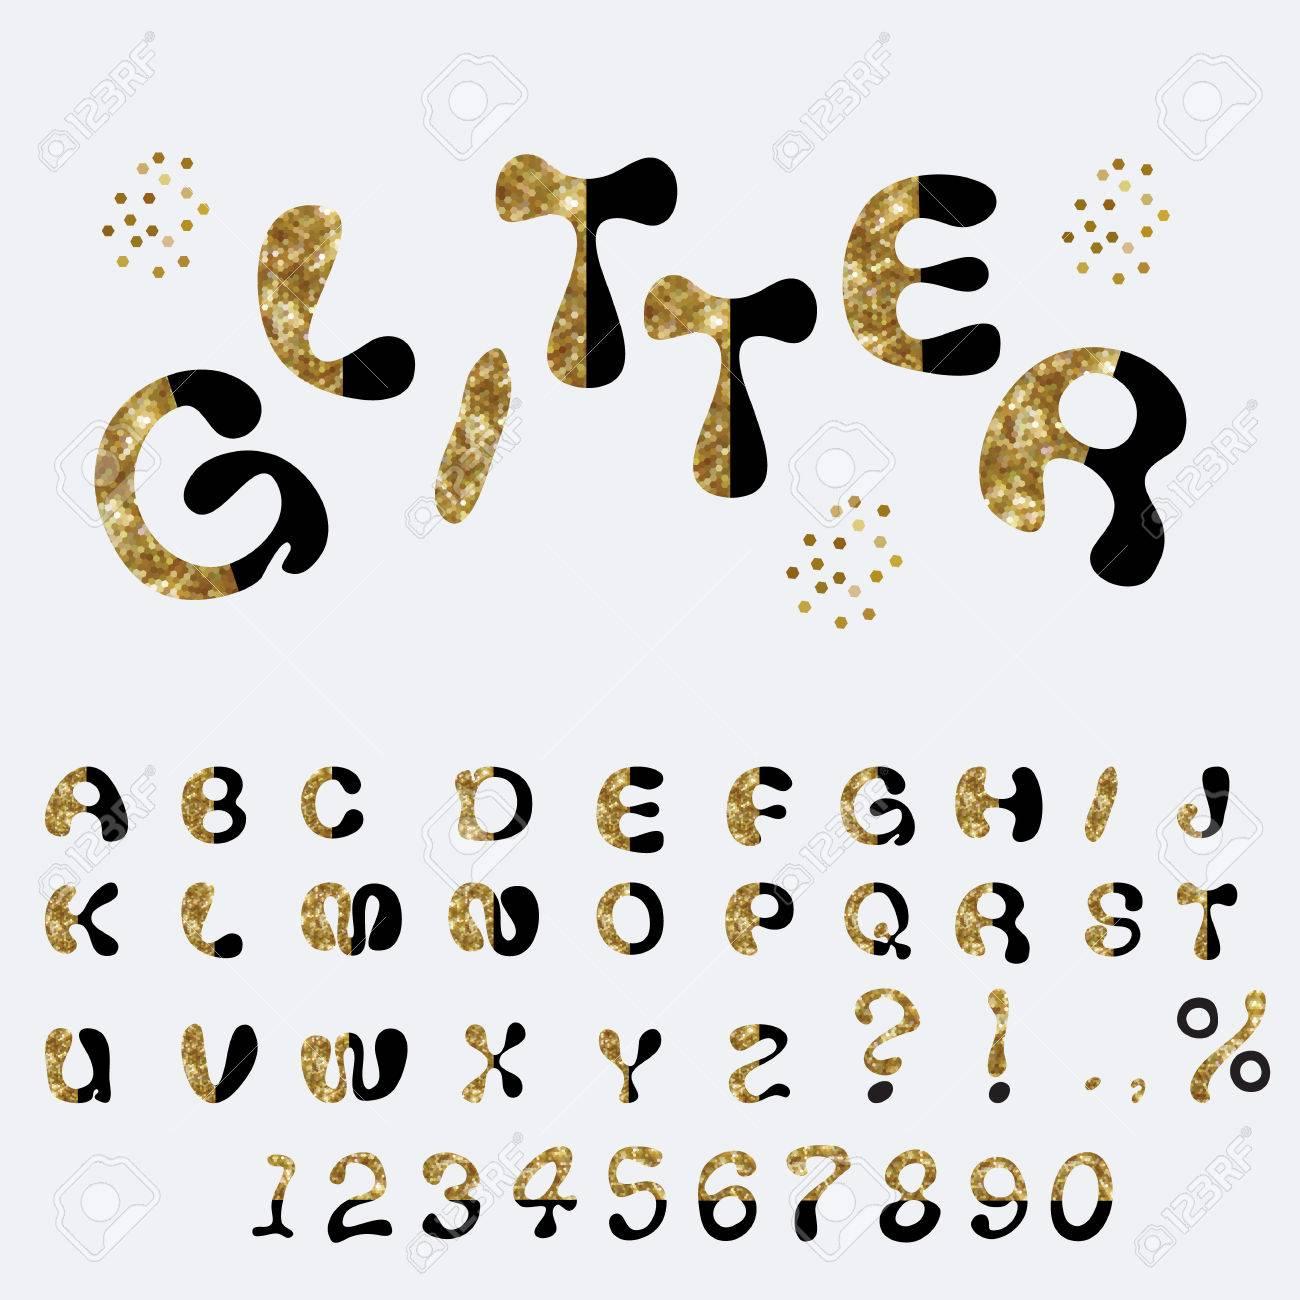 キラキラ アルファベット カスタム文字かわいいフォント コミック文字し